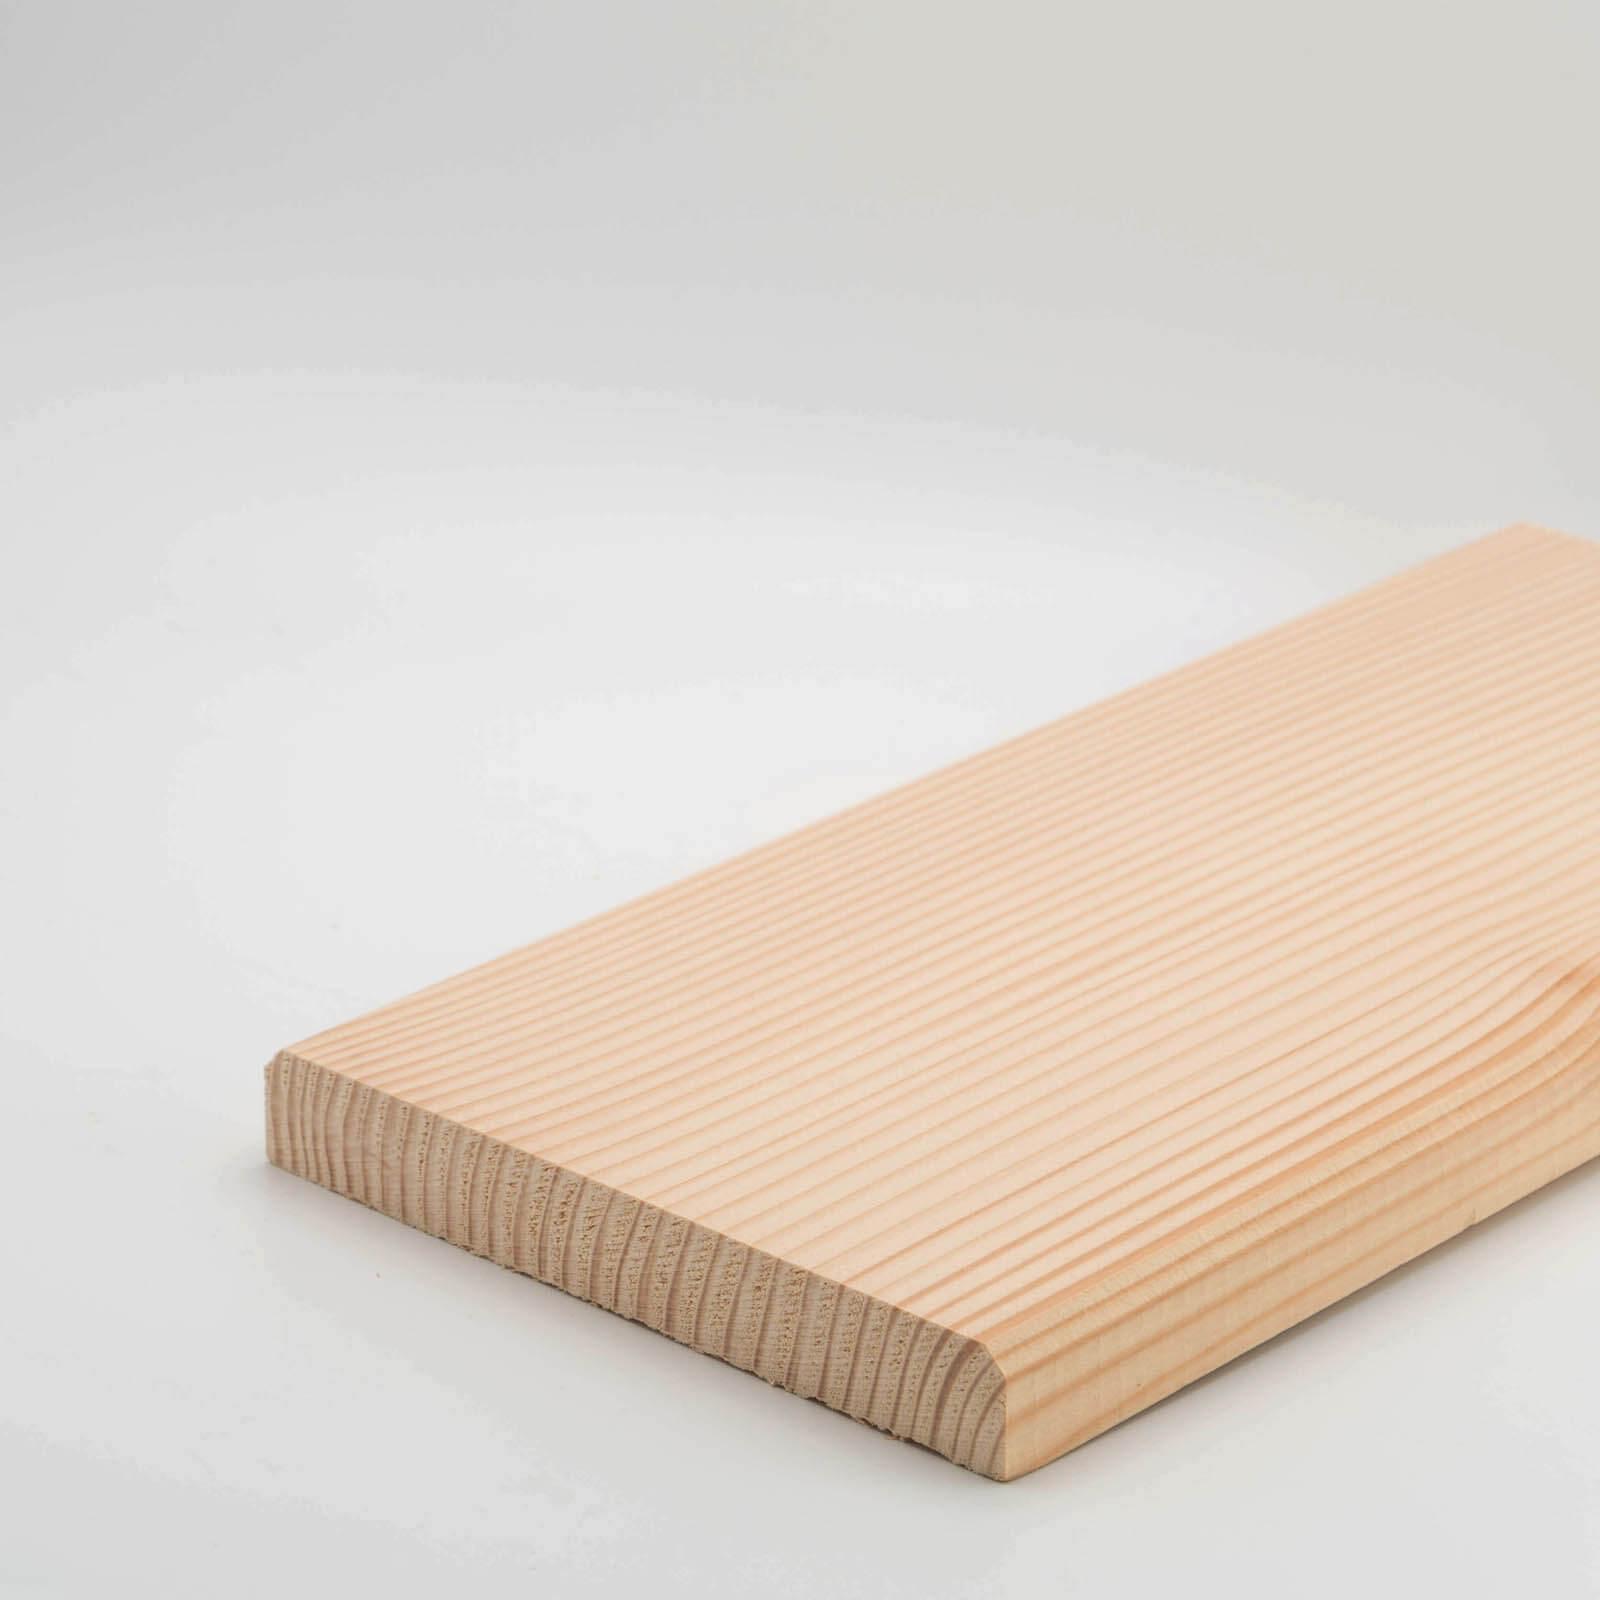 stiristransko-hoblane-deske-smreka-krancic-05